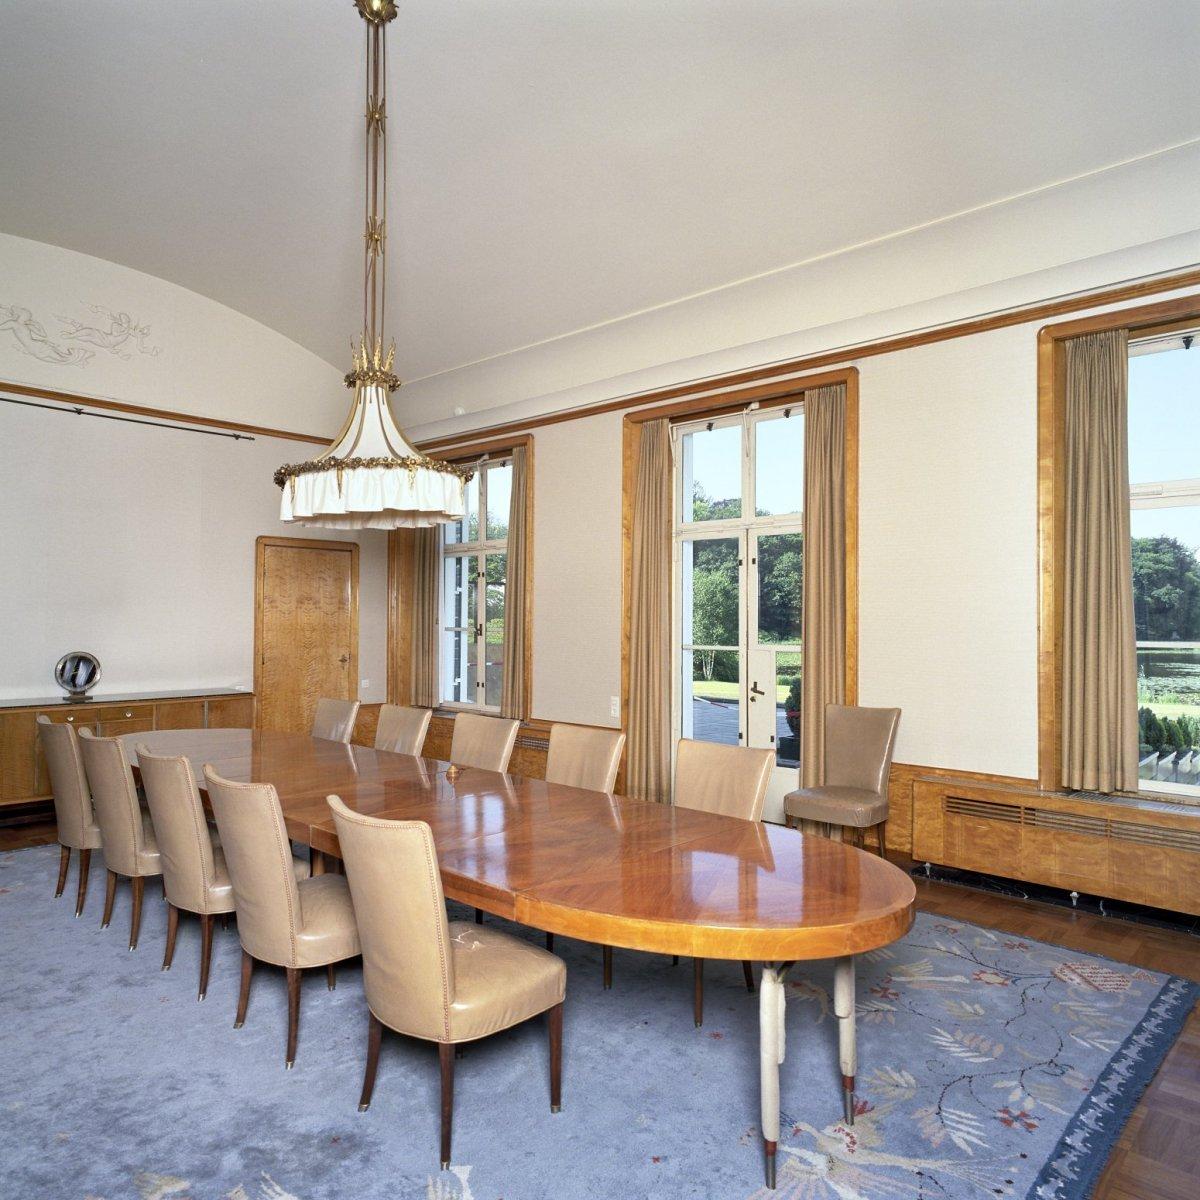 File interieur overzicht van de eetkamer met meubilair gelegen aan de achterzijde van het - Deco van de eetkamer ...